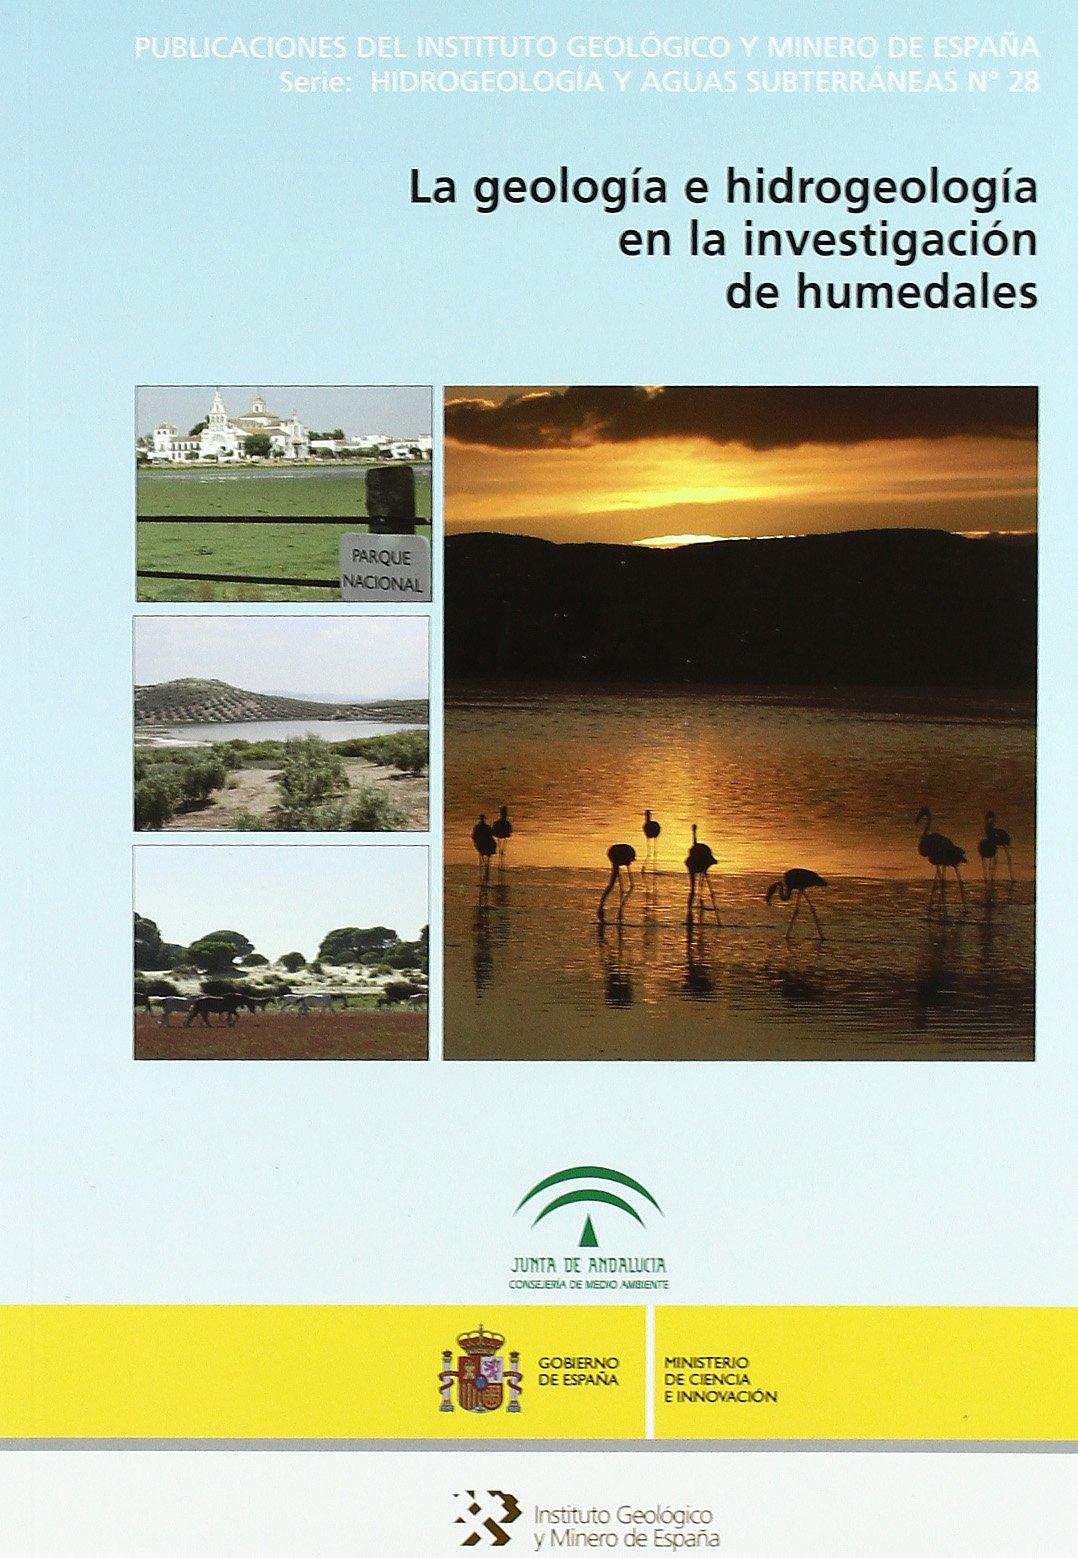 La geología e hidrogeología en la investigación de humedales: 28 Hidrogeología y aguas subterráneas: Amazon.es: Lopez, Fornes: Libros